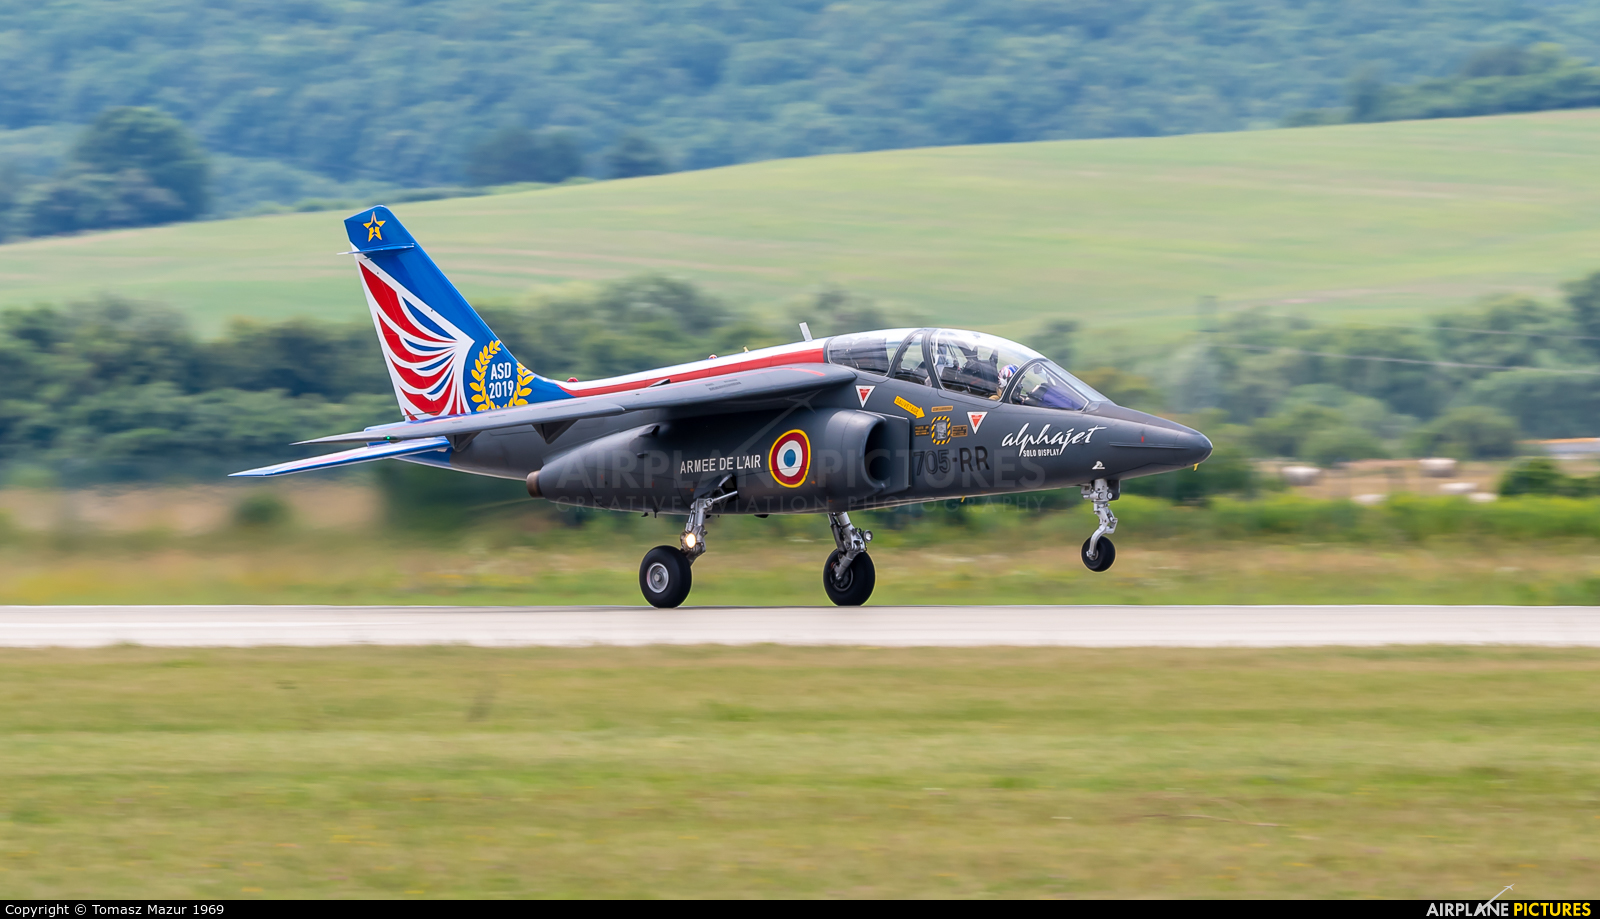 France - Air Force 705-RR aircraft at Sliač